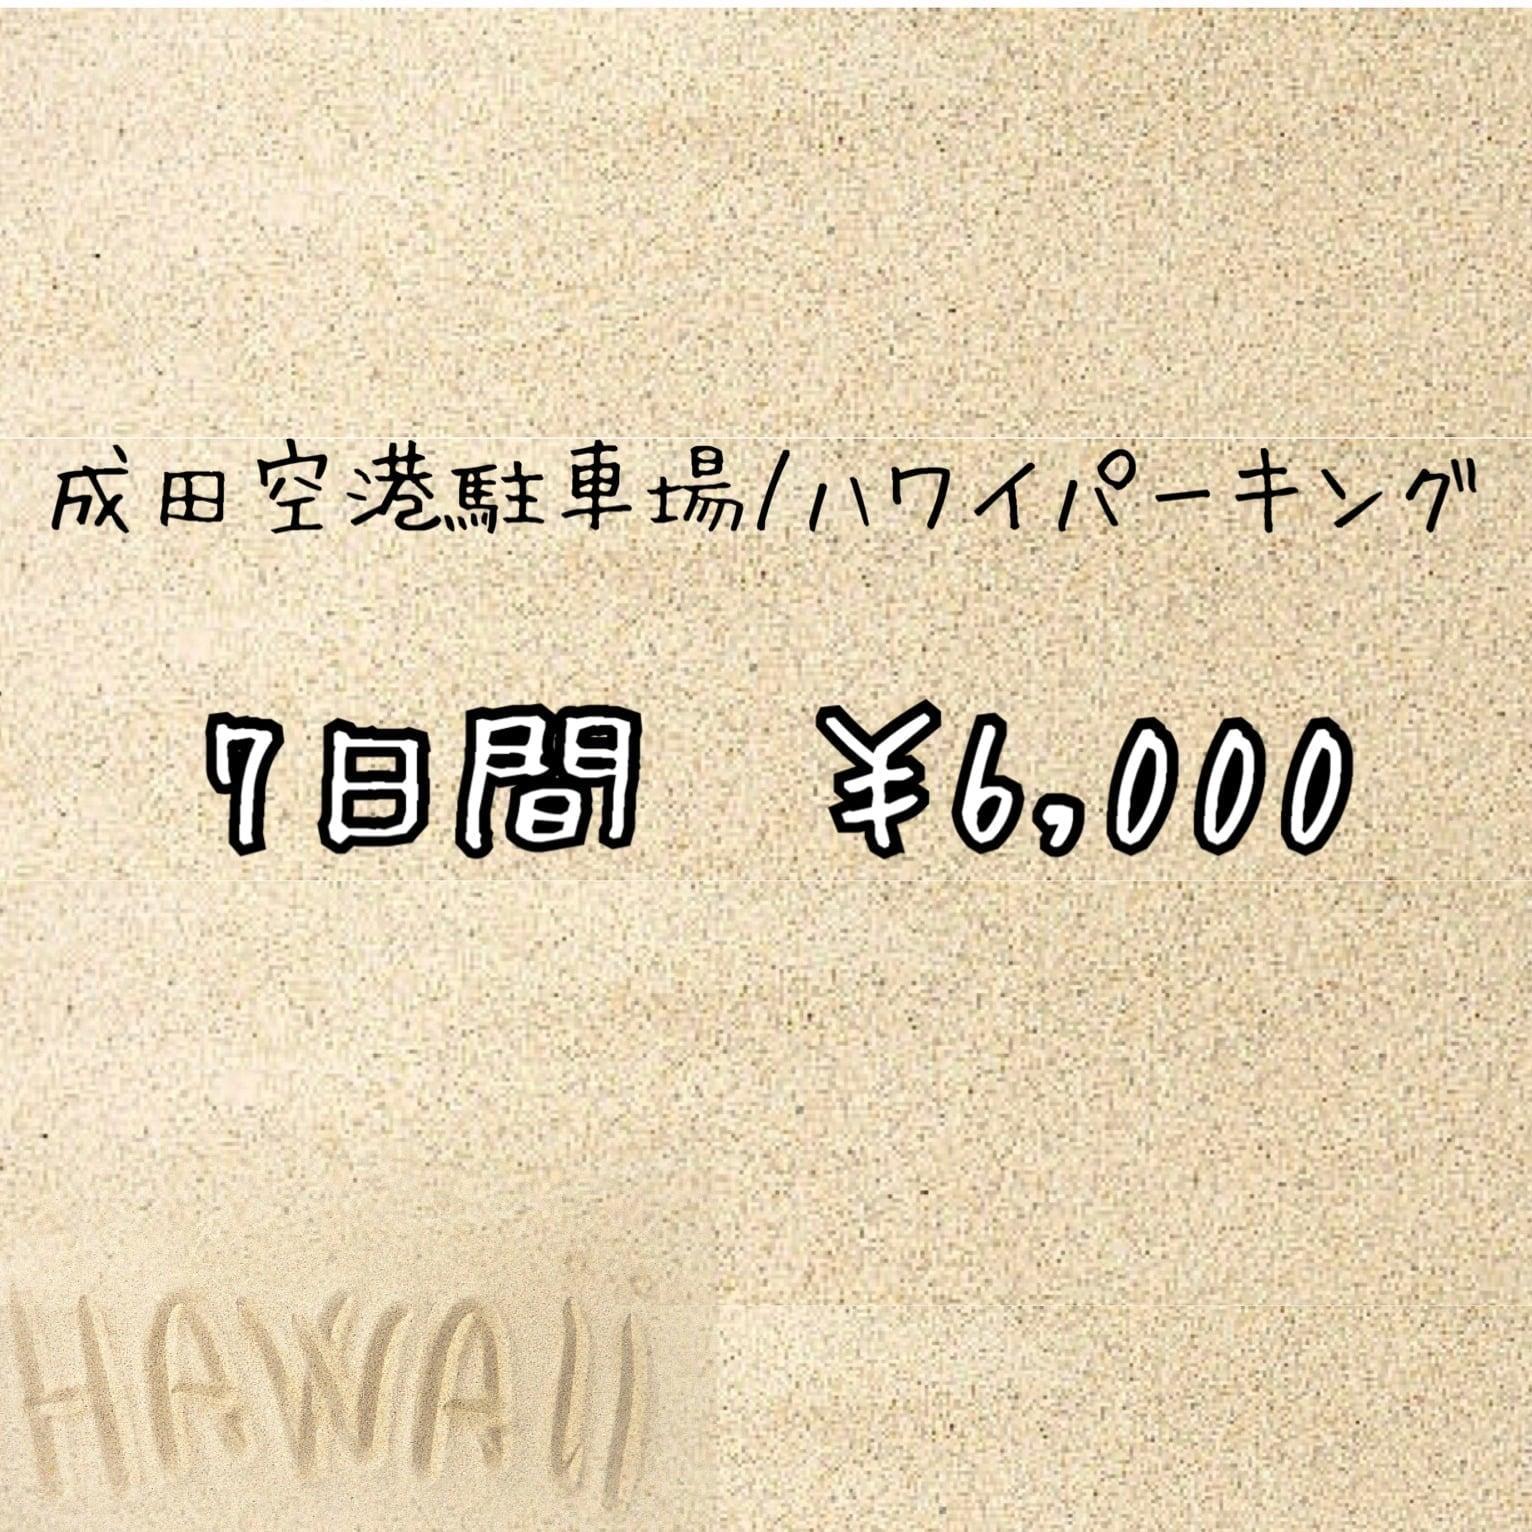 7日間/¥6000【成田空港駐車場・料金】のイメージその1